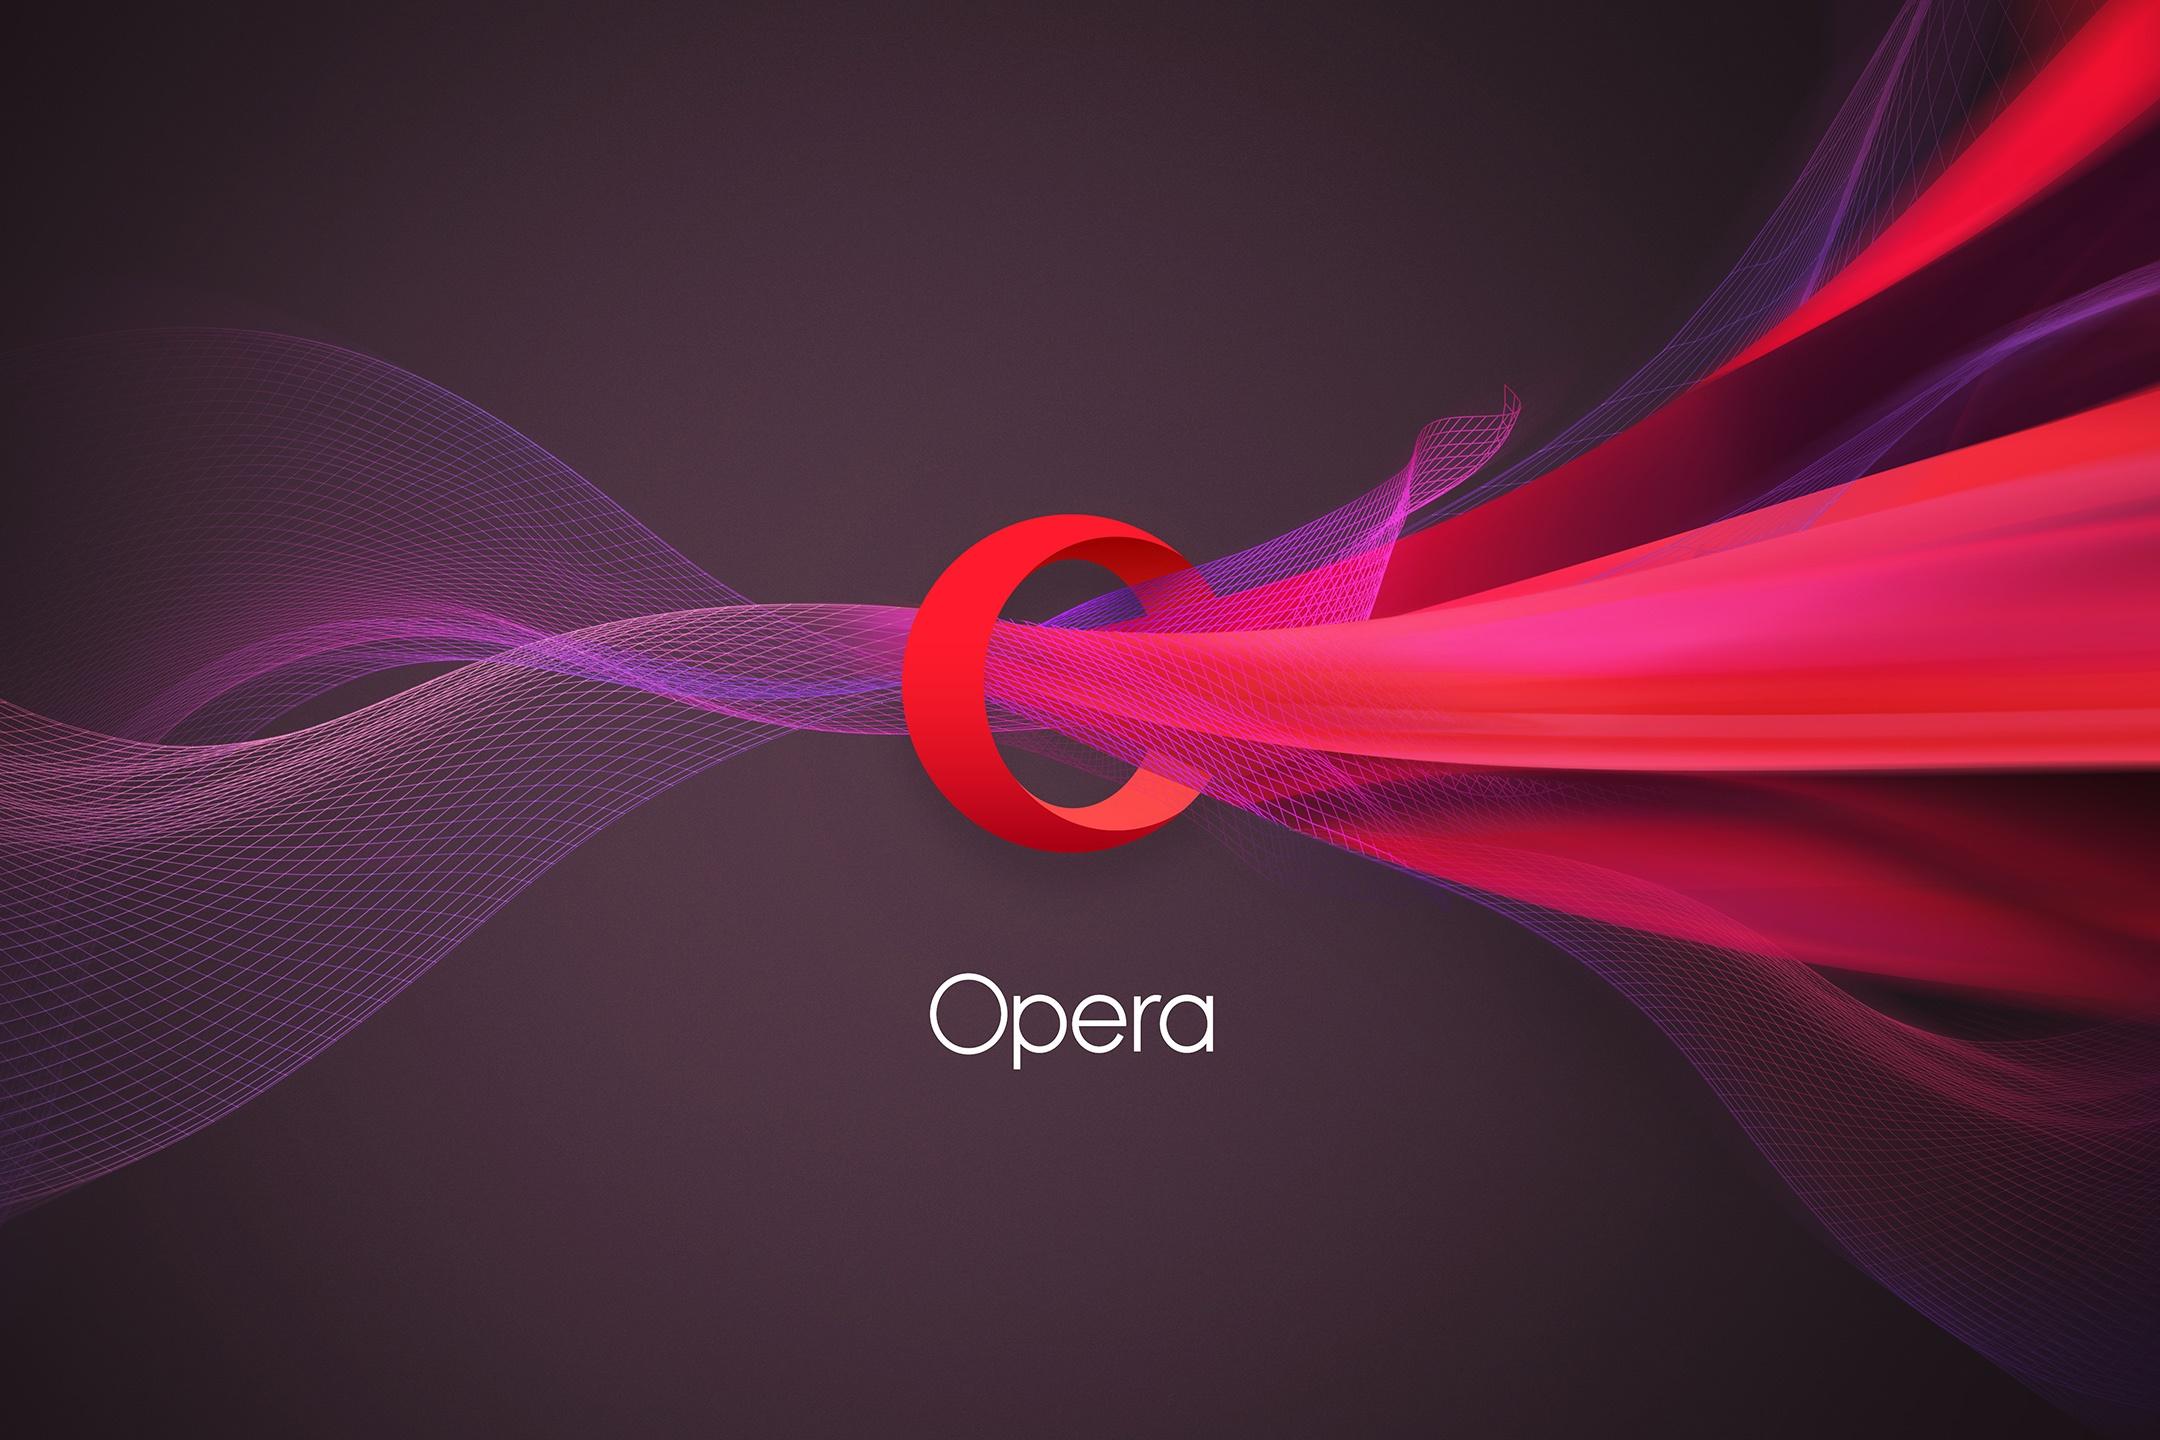 Imagem de Nova versão do Opera tem VPN gratuita e ilimitada no tecmundo